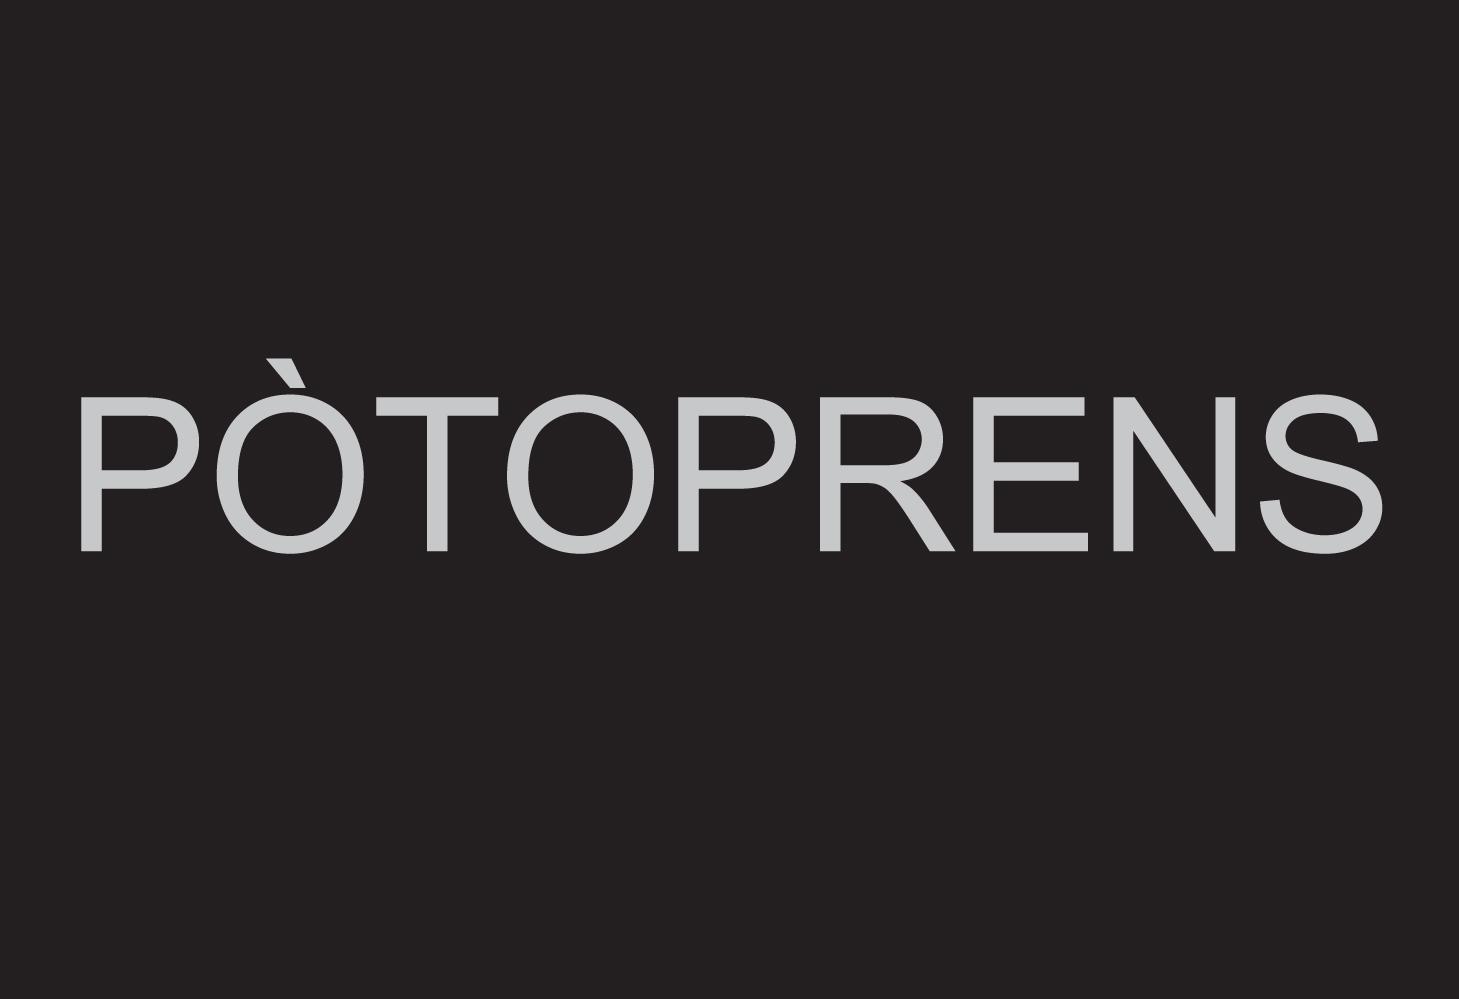 Pòtoprens logo